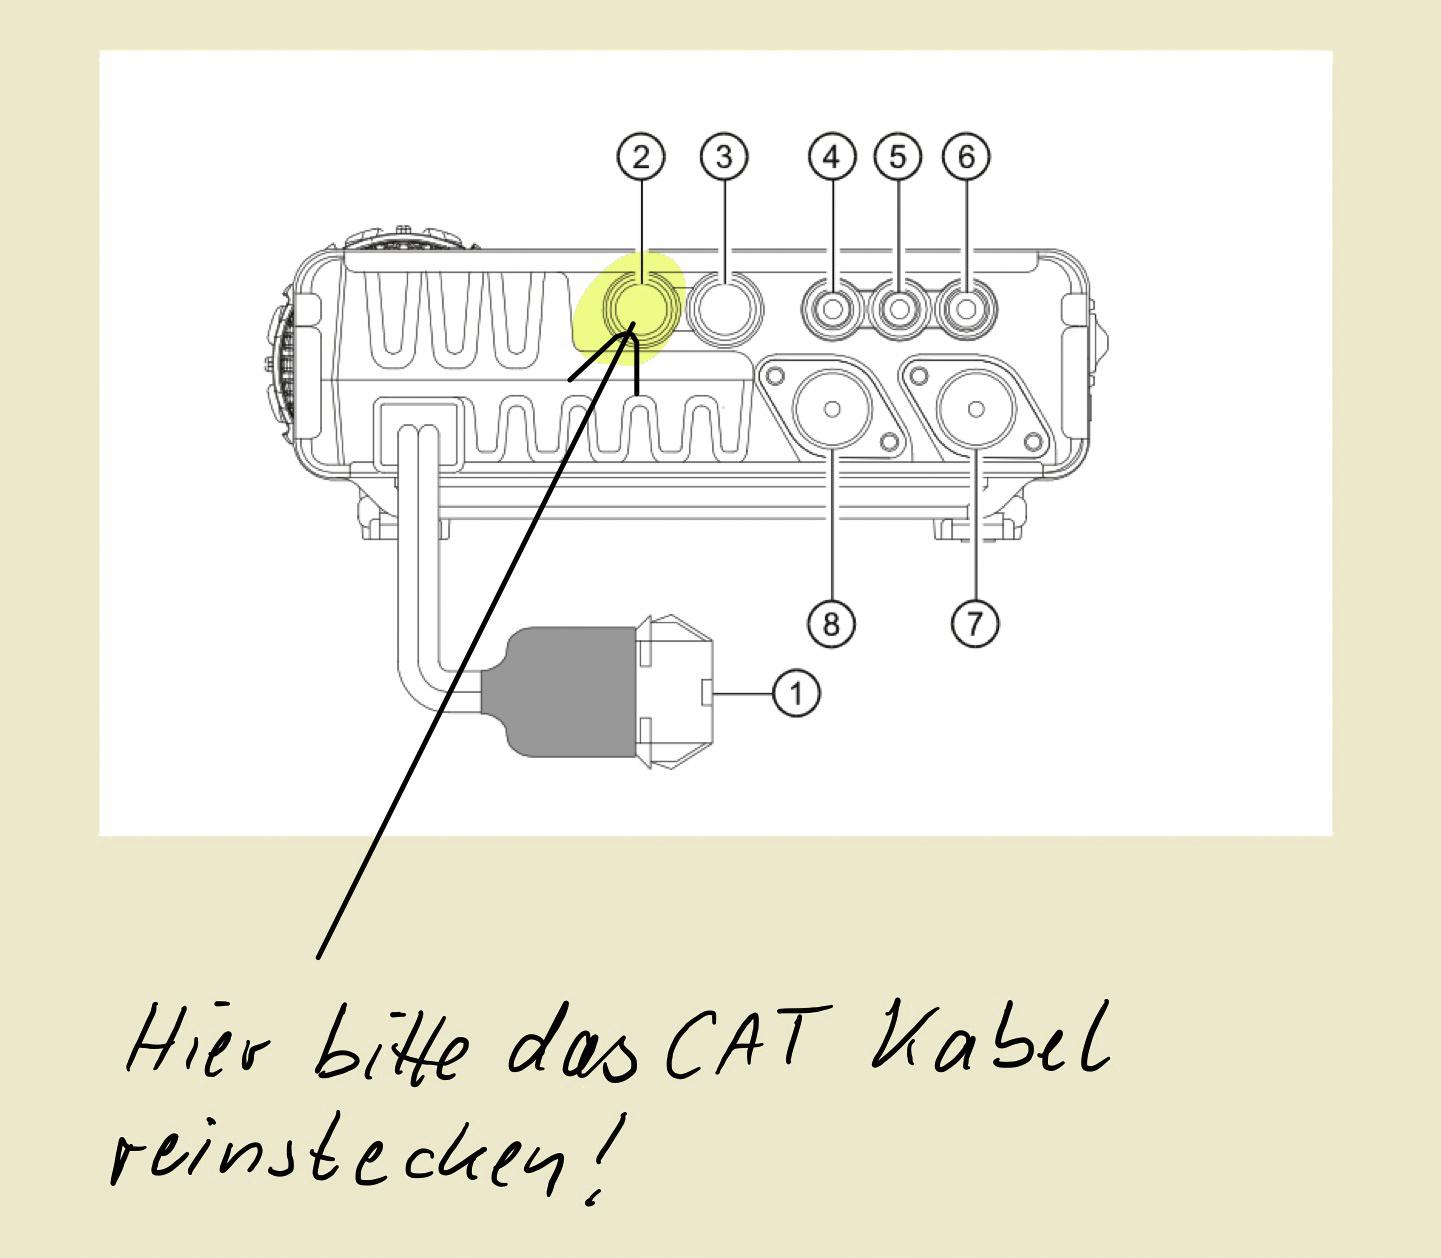 Erfreut Art Der Hausverkabelung Ideen - Die Besten Elektrischen ...